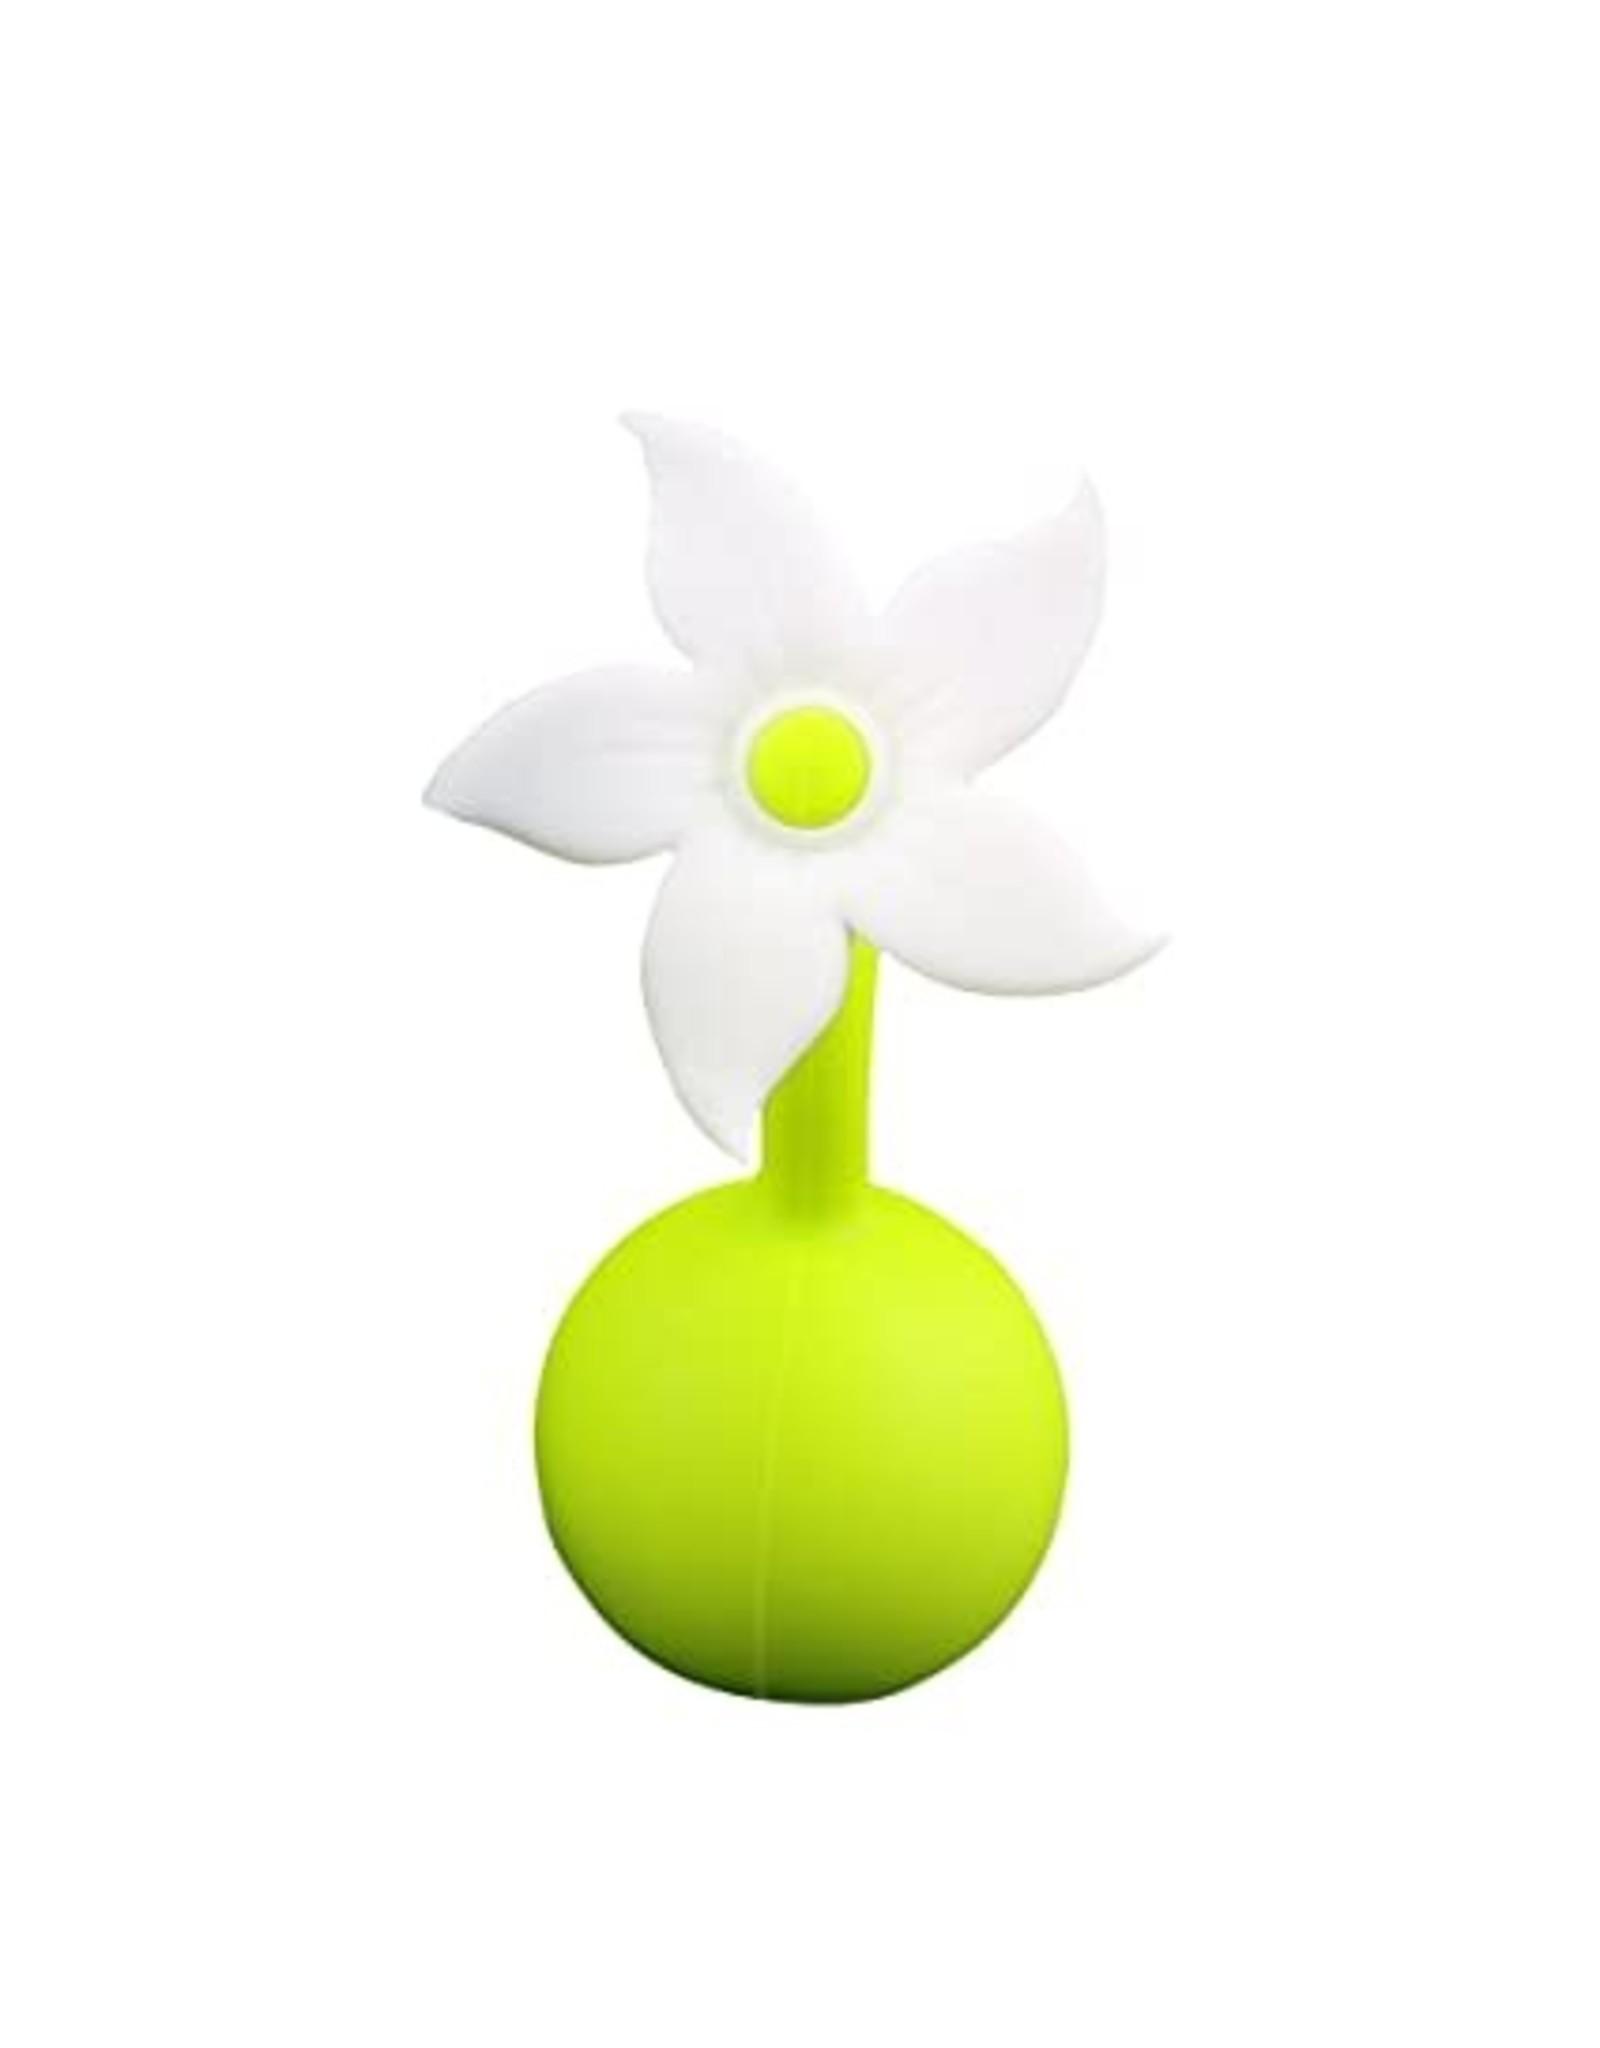 Haakaa Haakaa Breast Pump Flower Stopper, White